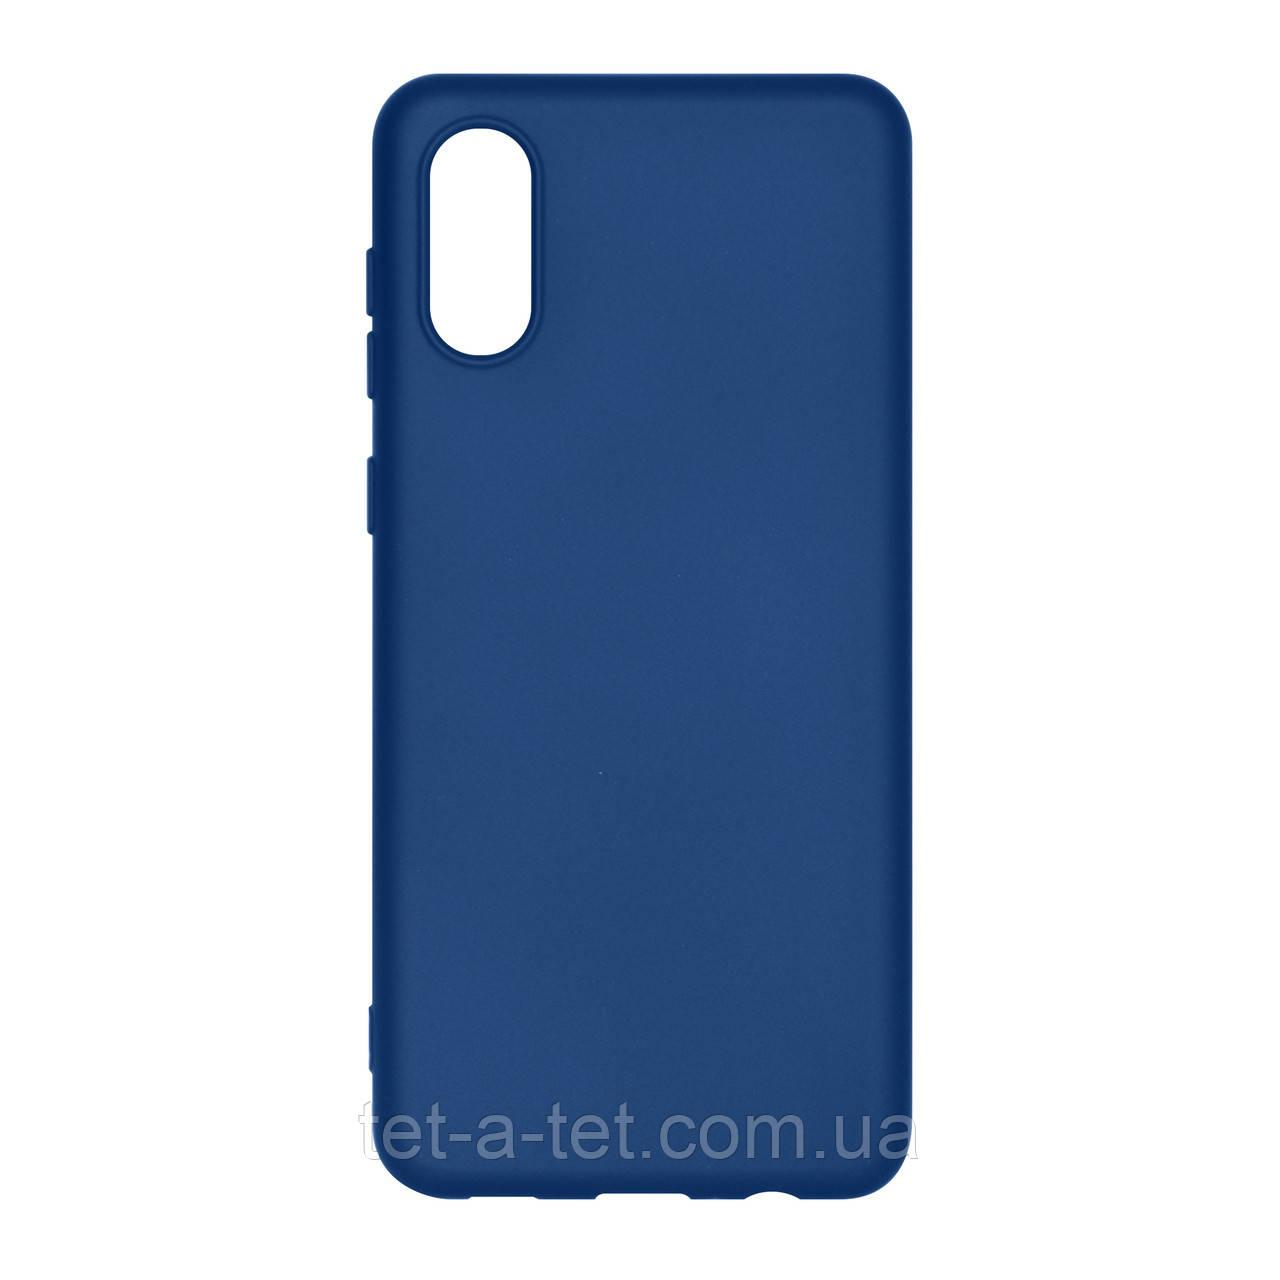 Чехол силиконовый ArmorStandart ICON Case for Samsung A02 (A022) Dark Blue